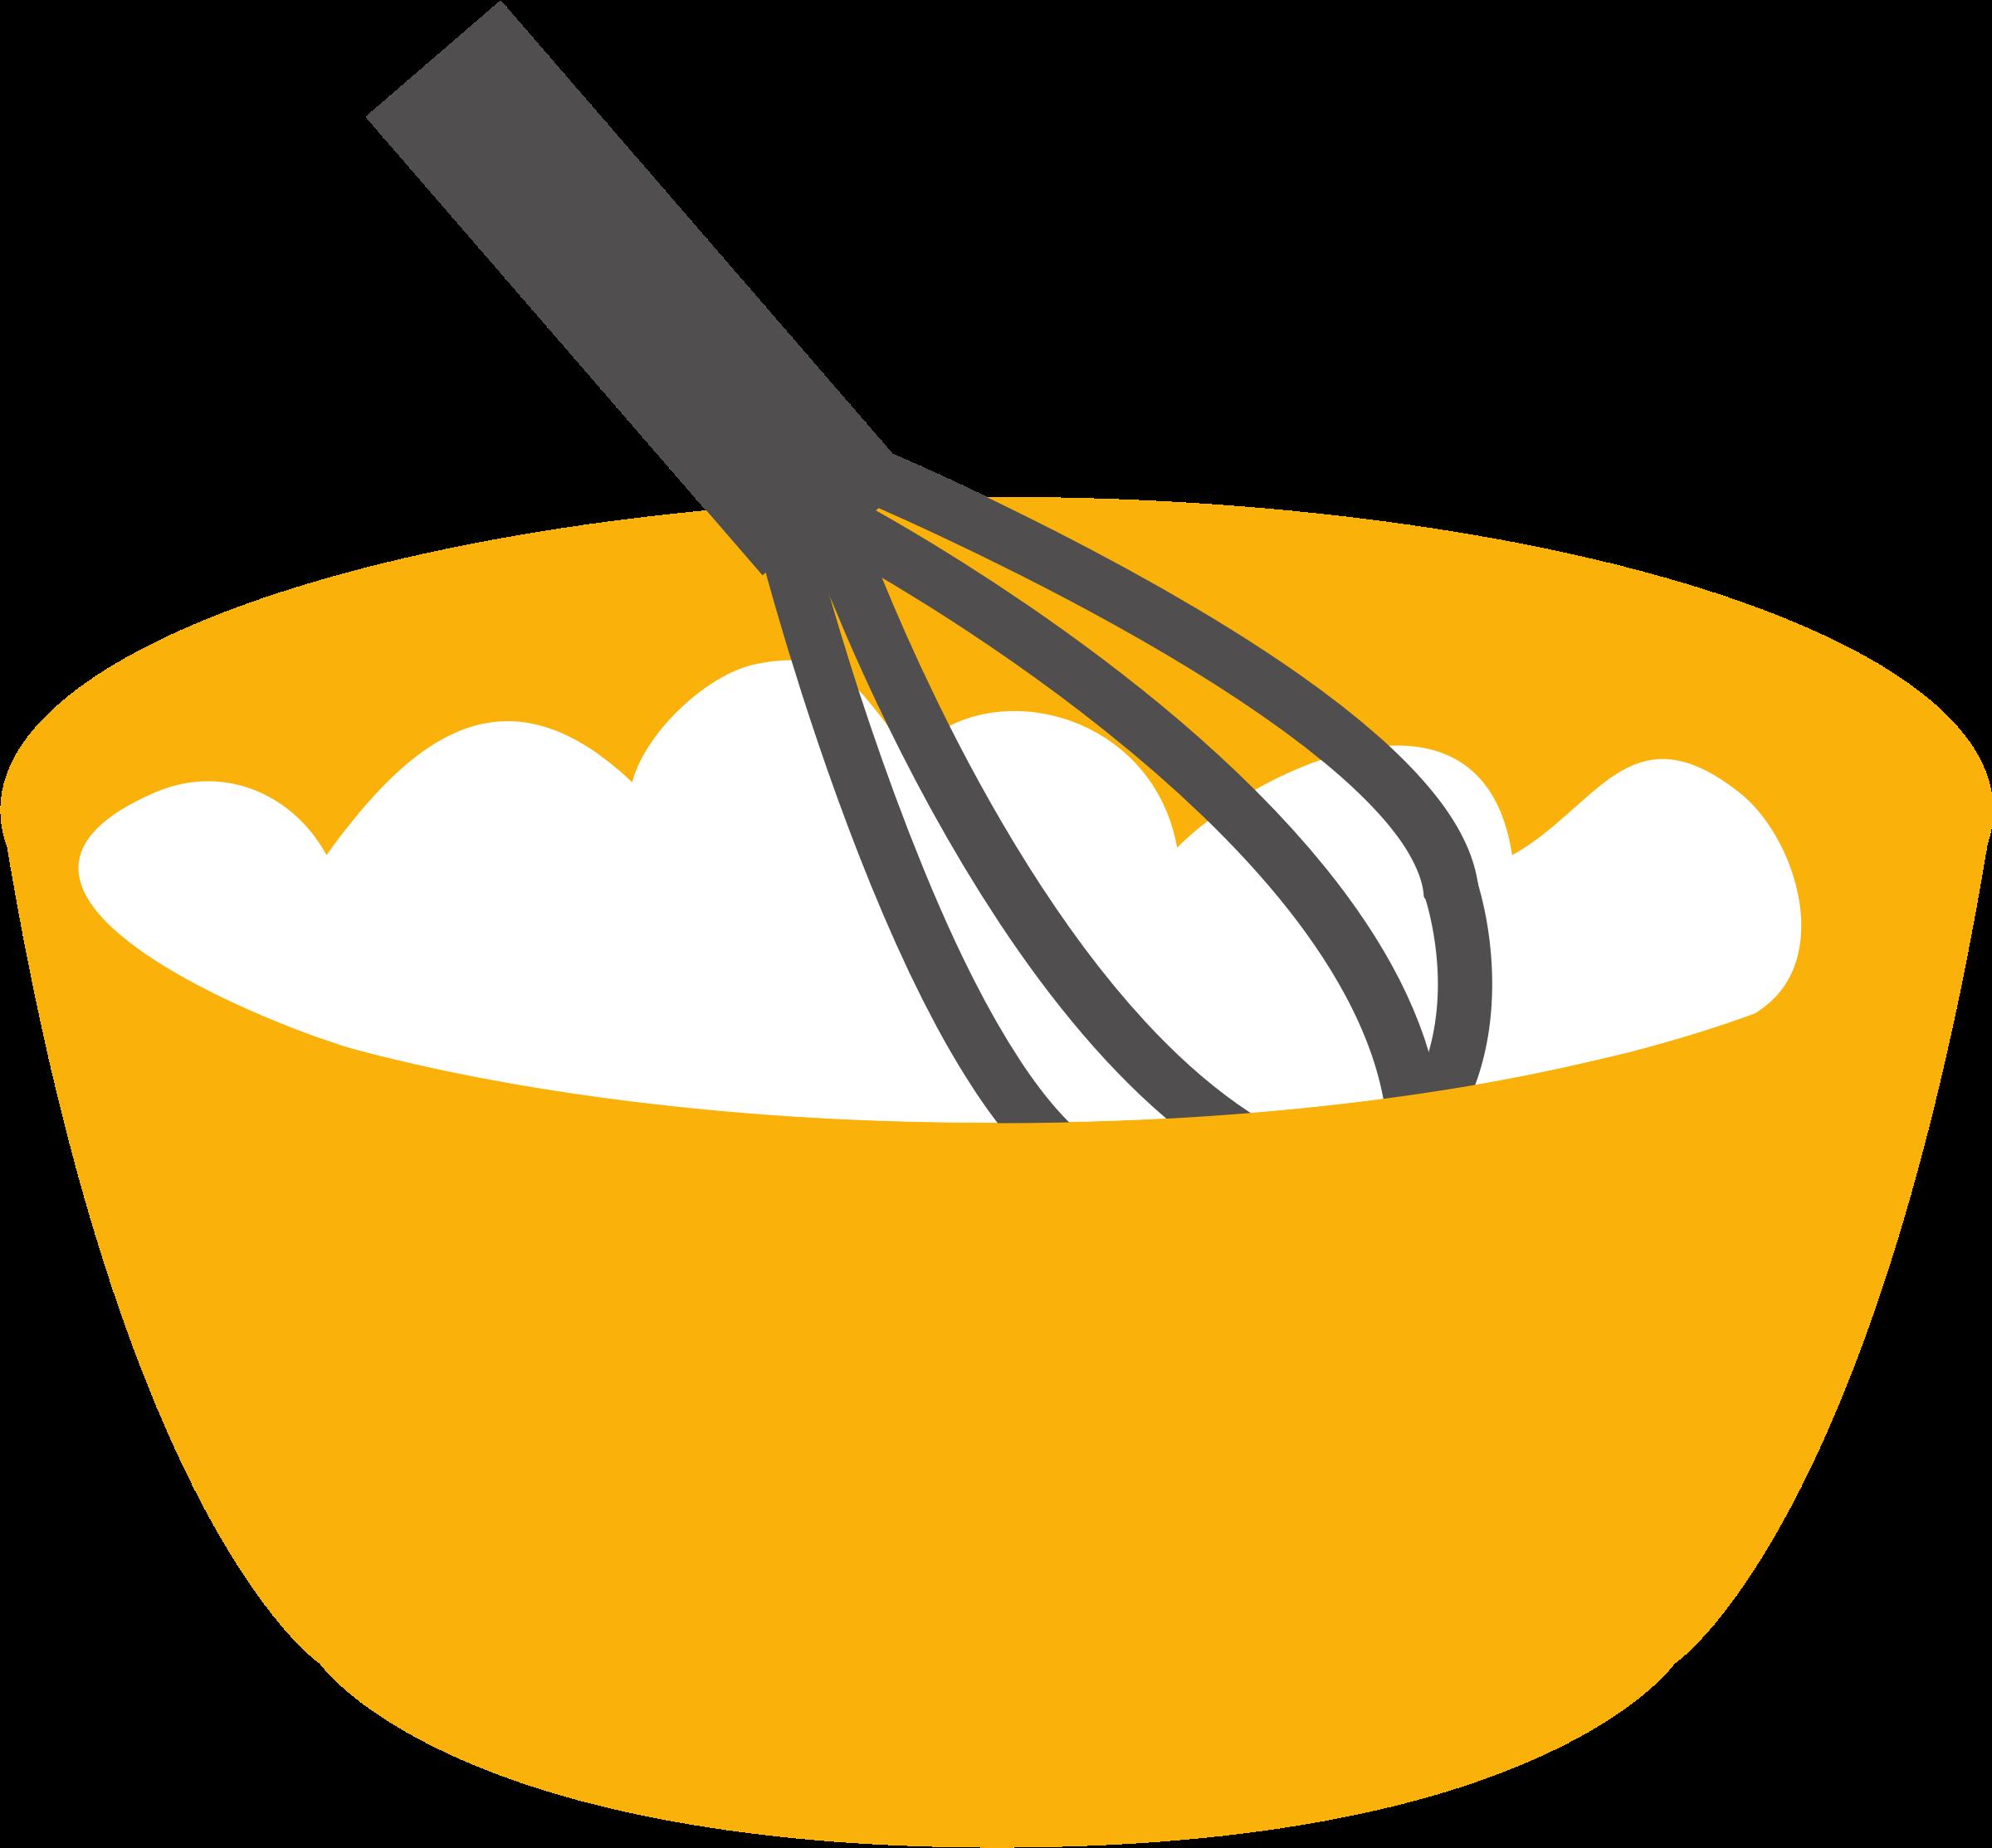 2400x2227 Whisk Bowl Kitchen Utensil Tableware Clip Art